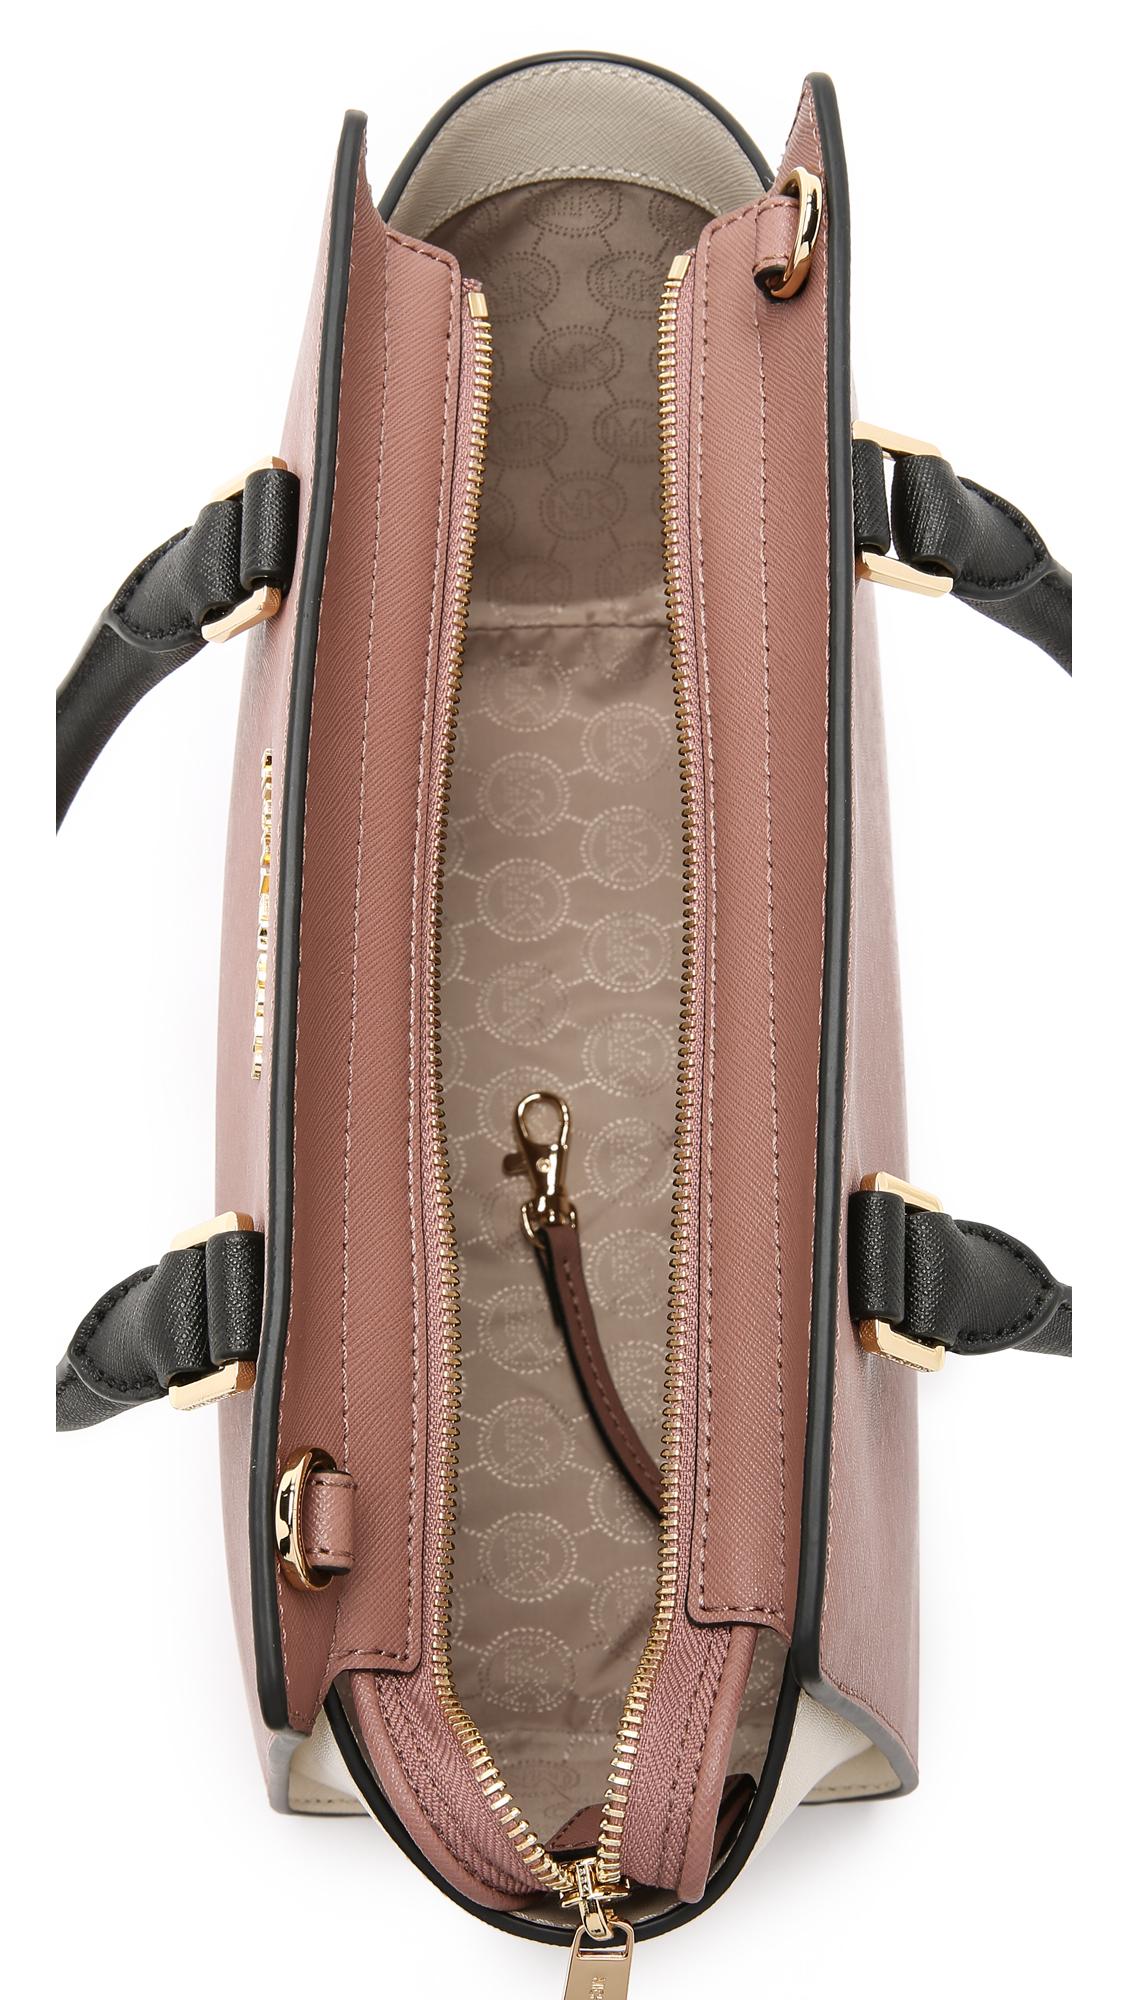 d260592c464e2 ... hot michael michael kors selma medium color blocked satchel in pink  lyst 6ec5f 69fec